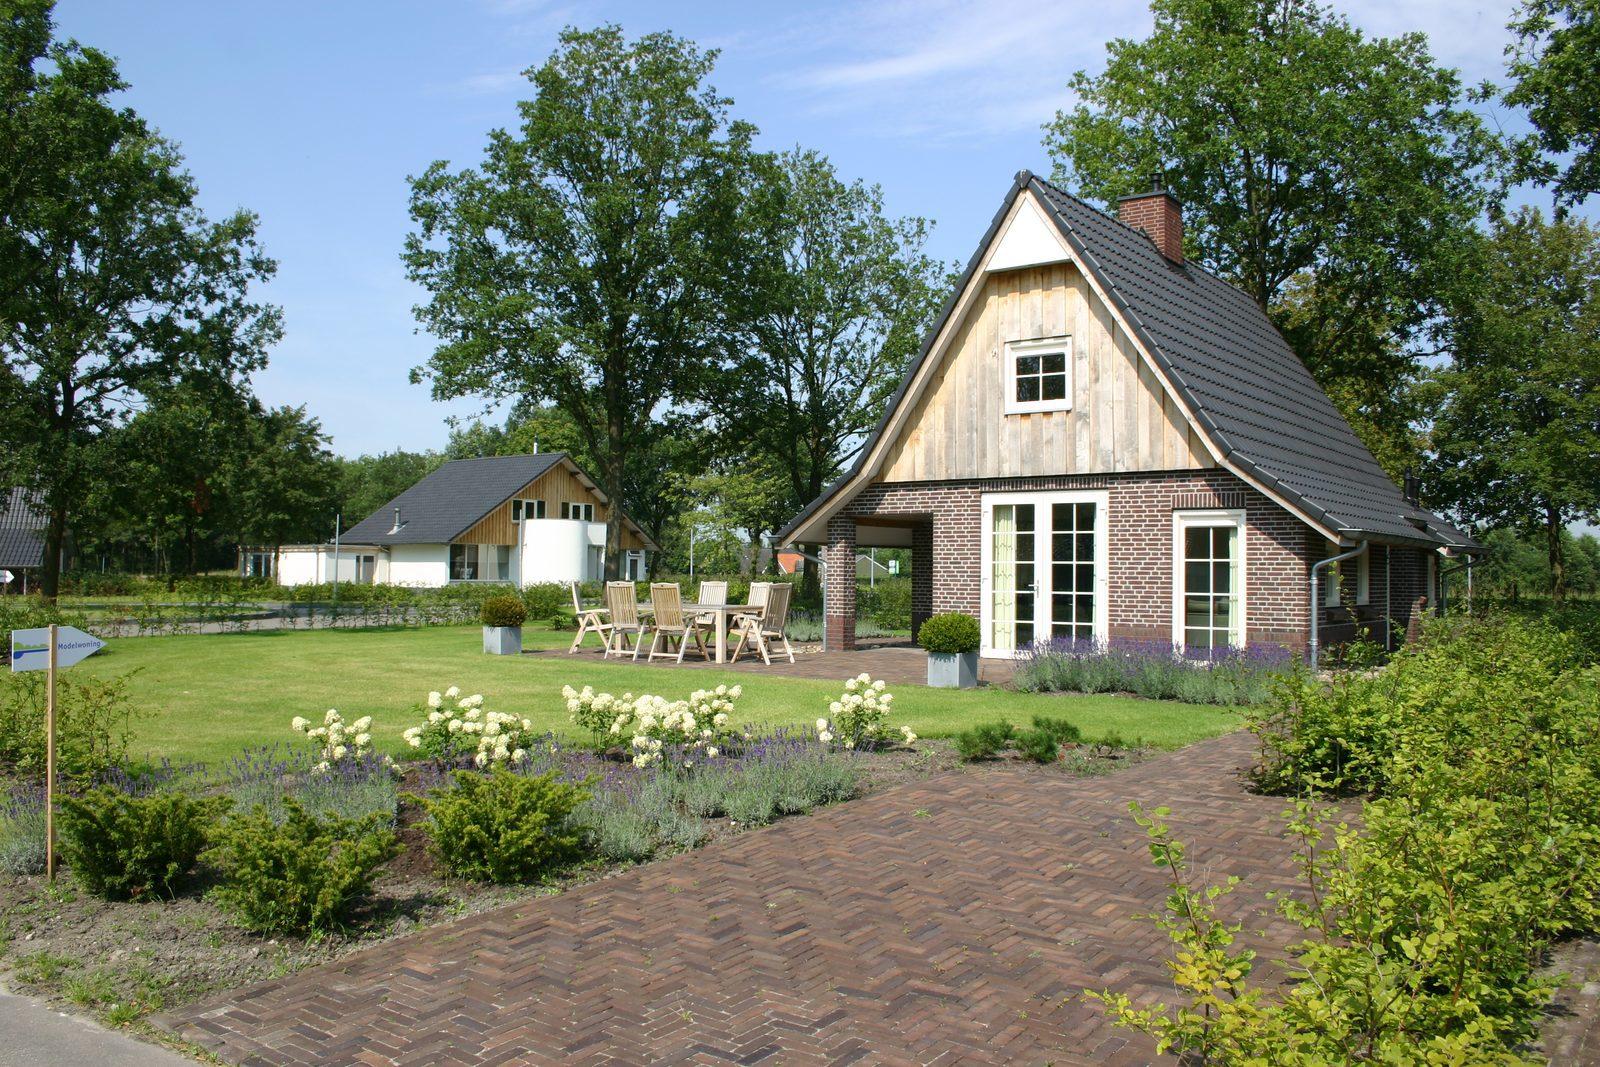 Vakantiehuis Hellendoorn